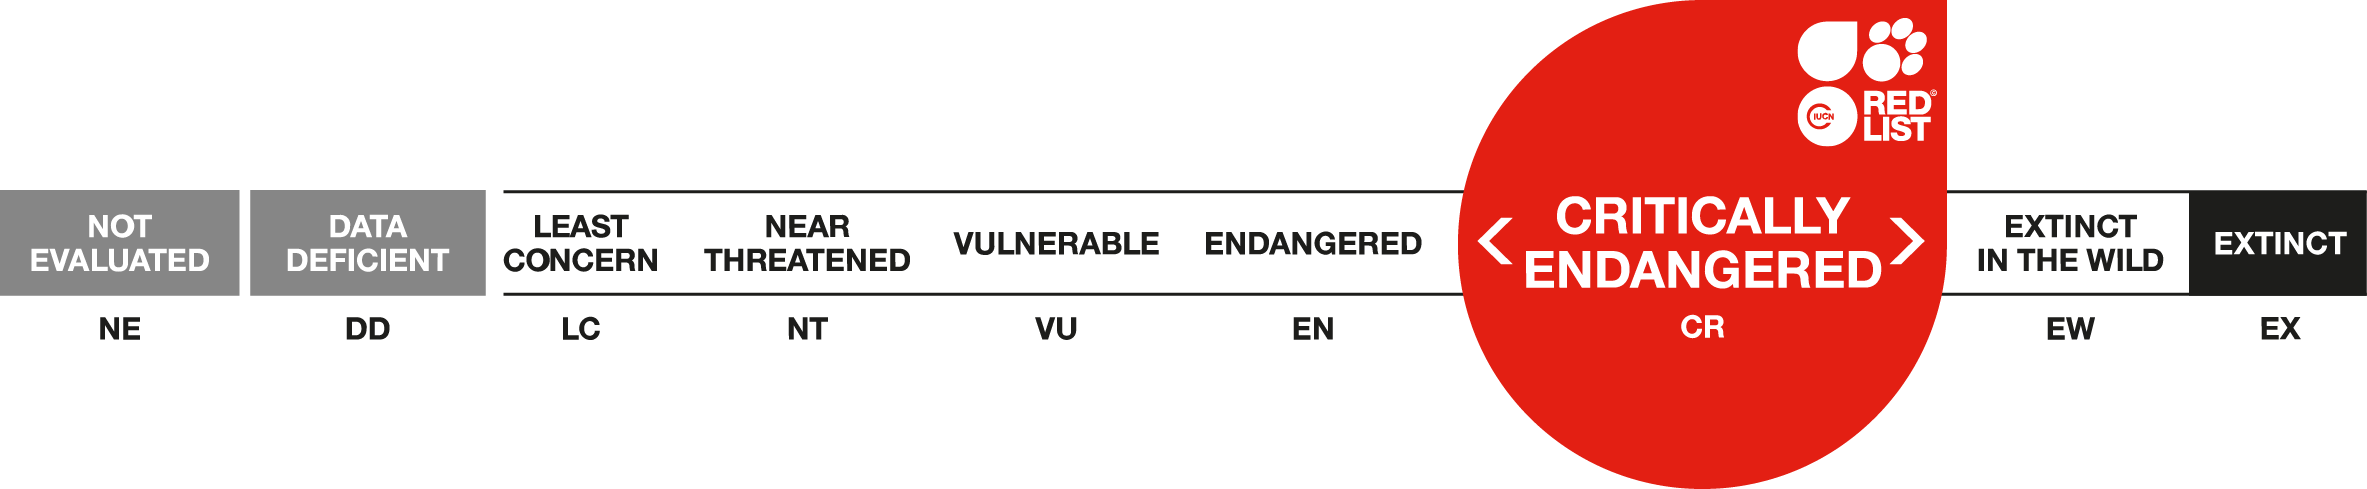 Critically Endangered